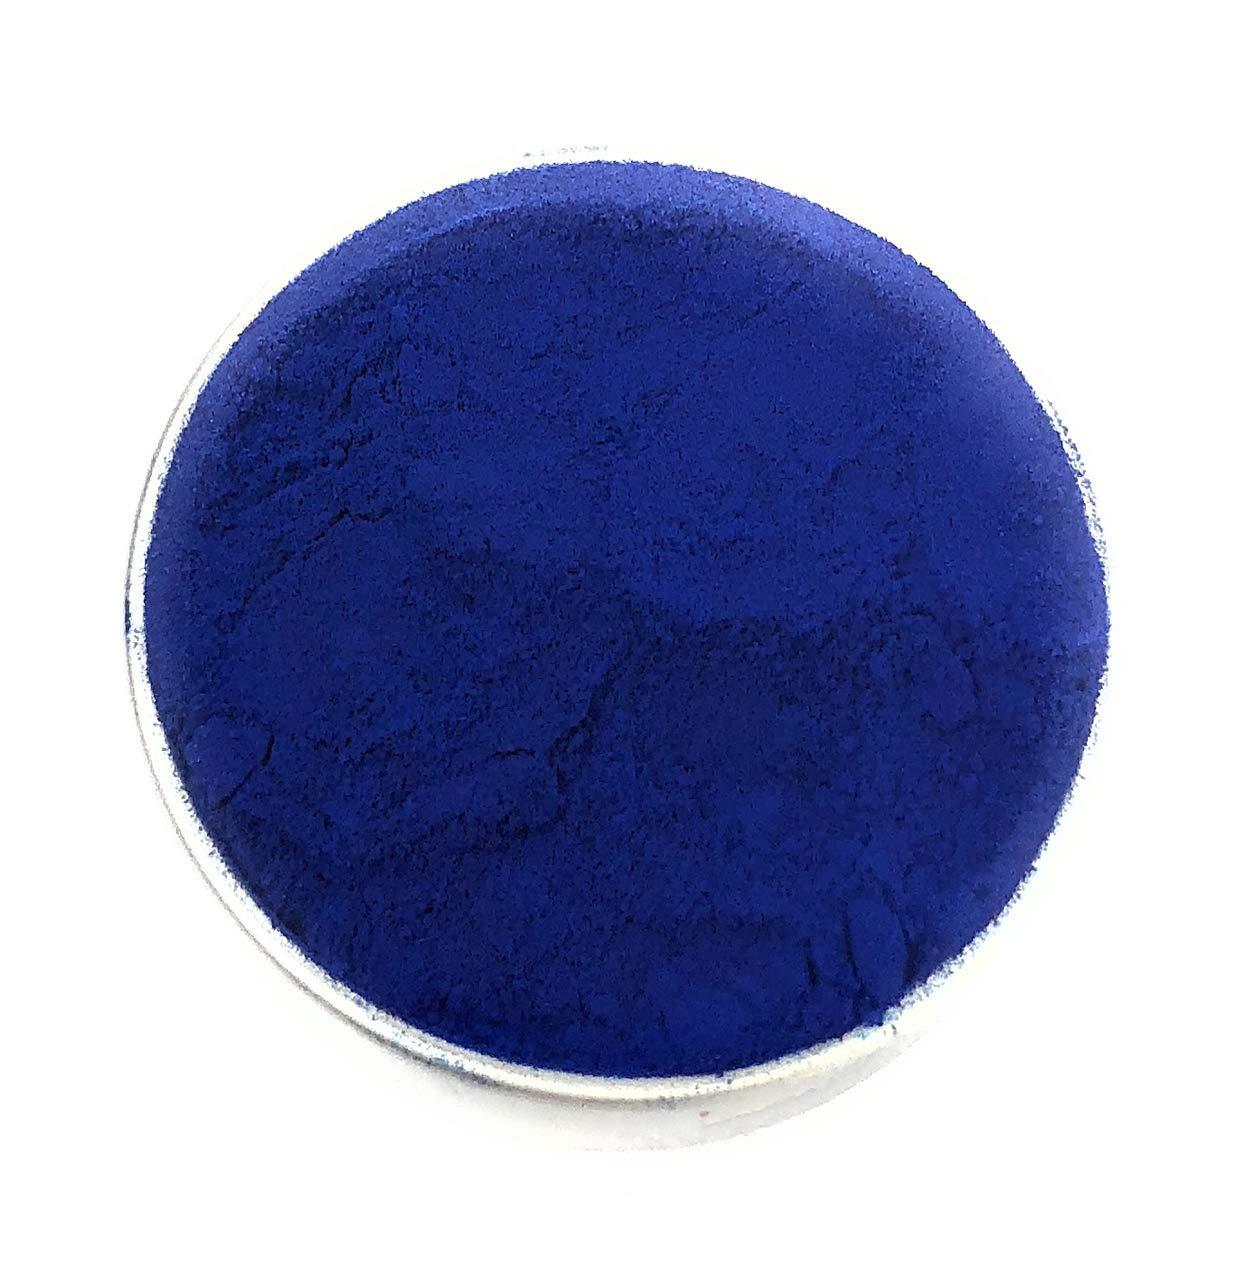 Ultimate Baker Royal Blue Petal Dust - Kosher Certified Natural Matte Blue Dusting Powder (2oz Blue Dust)